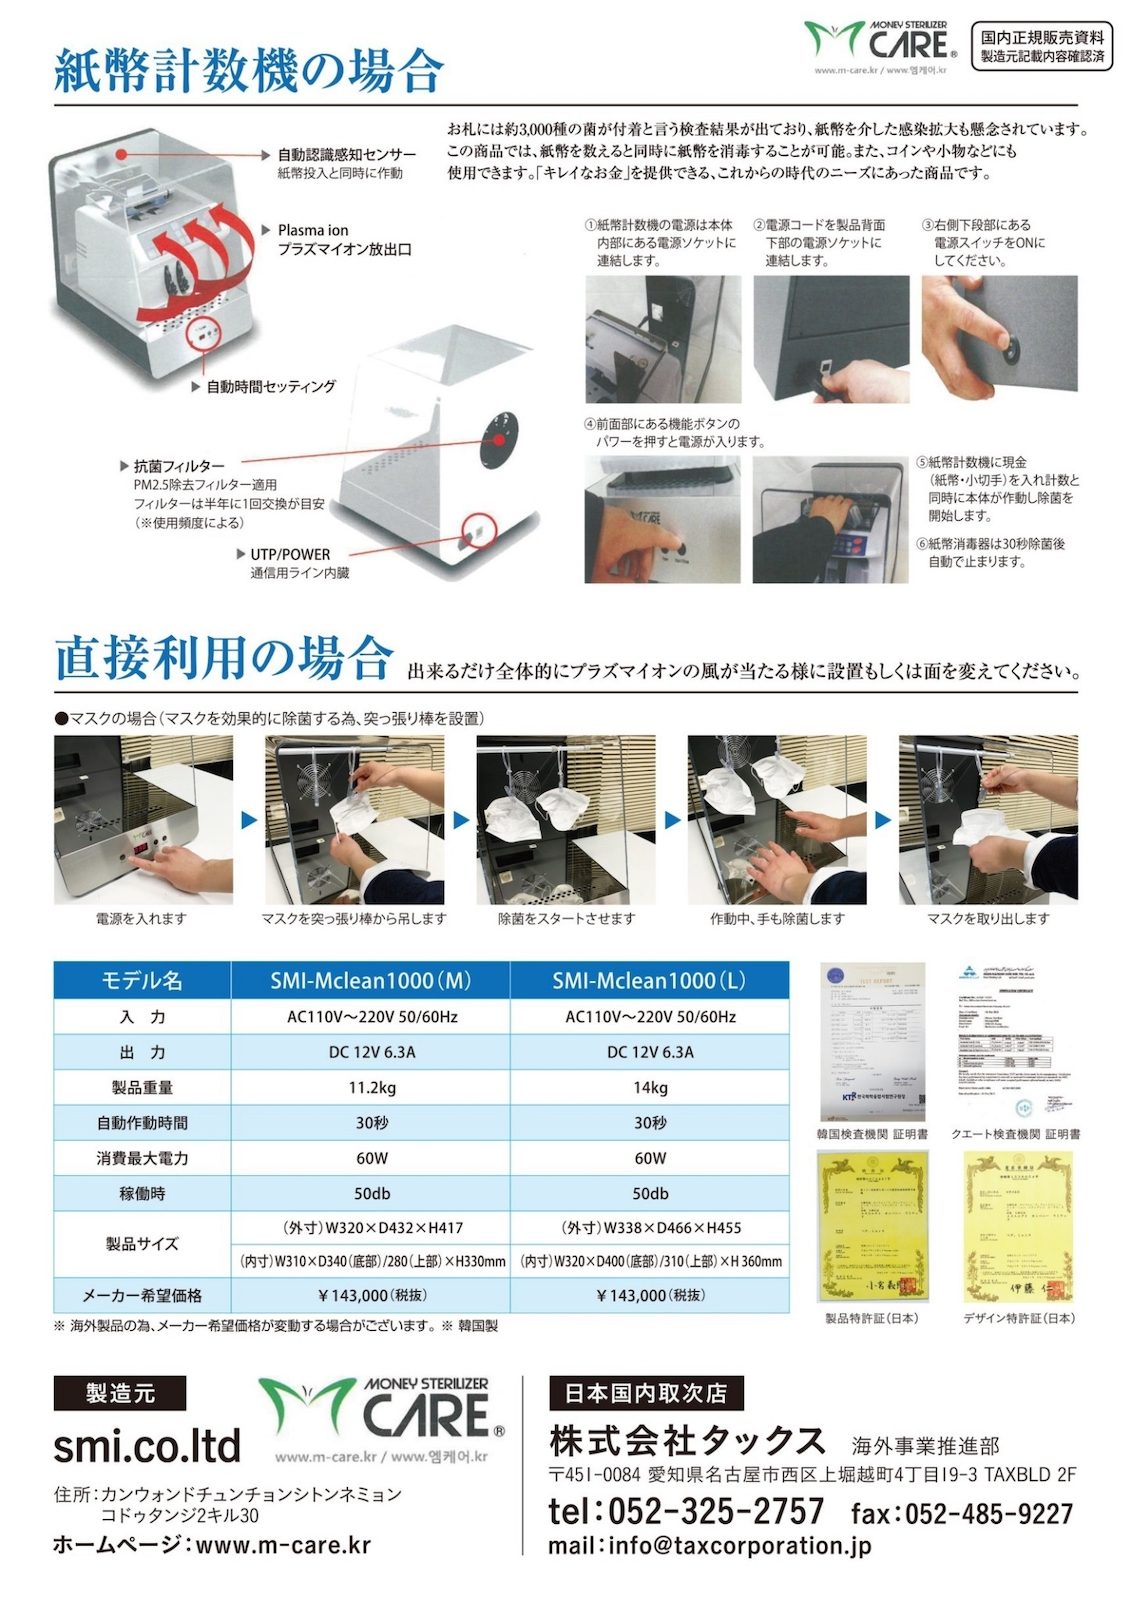 プラズマイオン万能消毒器 <br>MCARE<br>【TAX海外事業部】